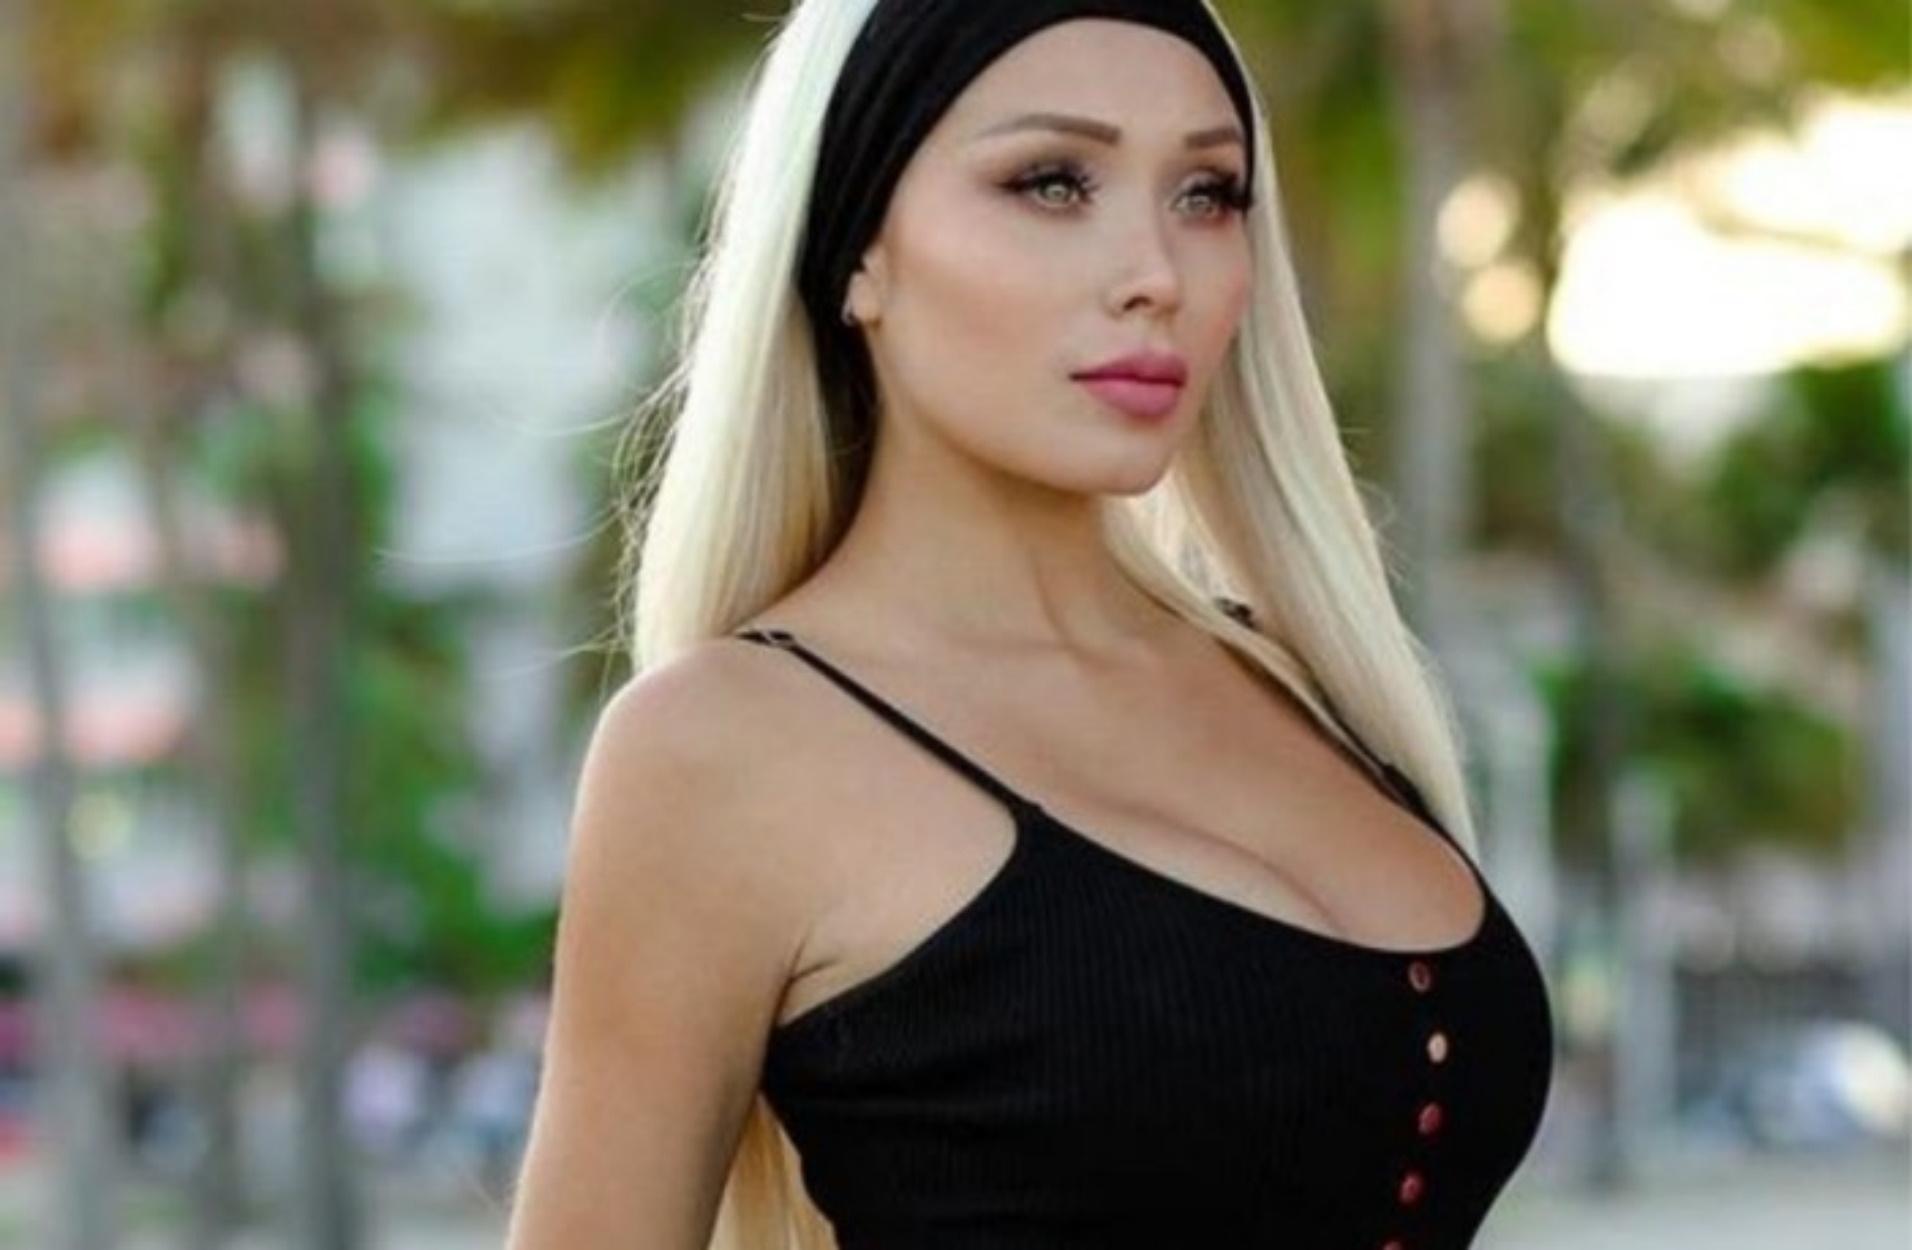 """Το μοντέλο του Playboy που """"προσκυνούν"""" 13 εκατ. ακόλουθοι στο Instagram"""